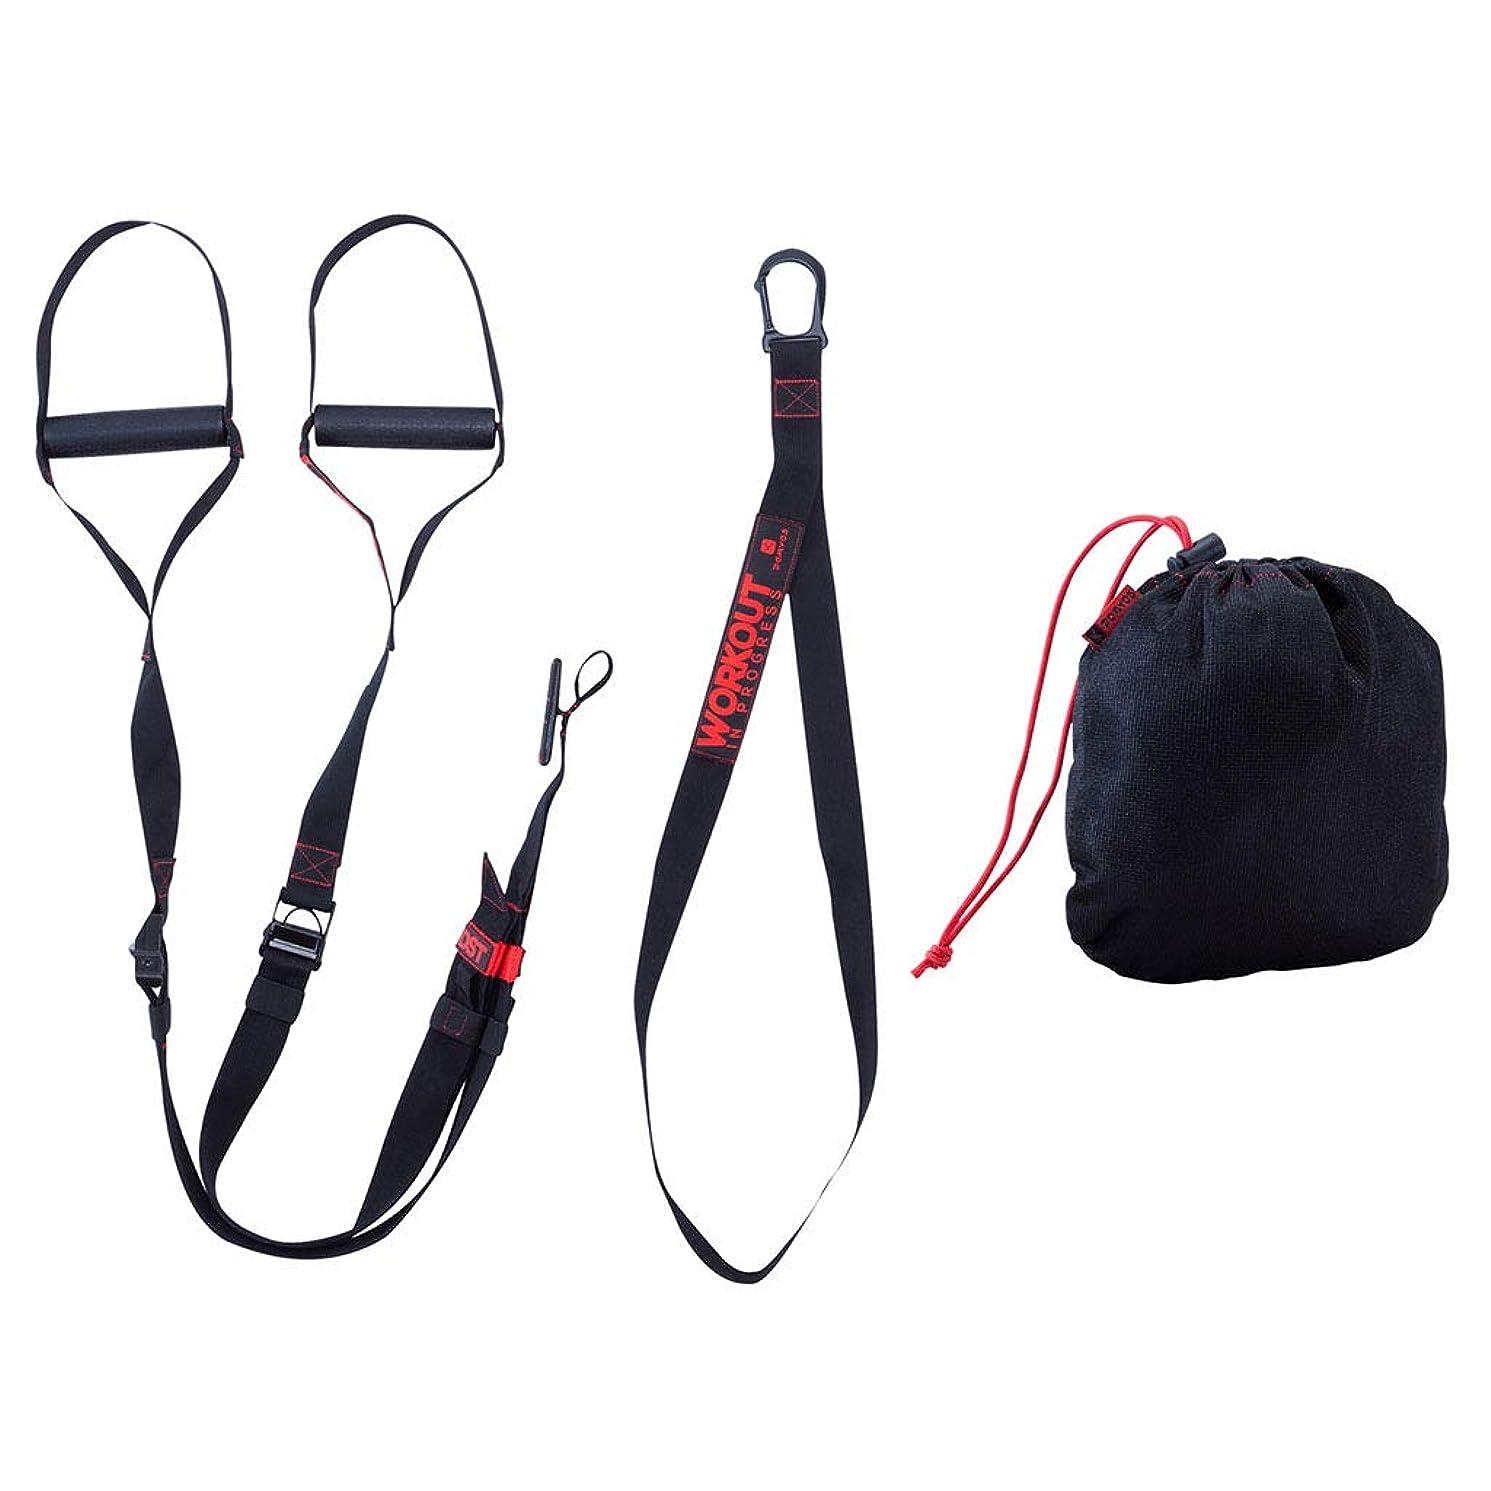 ロール夕食を作る救い吊り訓練ベルトプルロープホームフィットネス弾力ベルト抵抗ベルト強度トレーニング (色 : 黒)